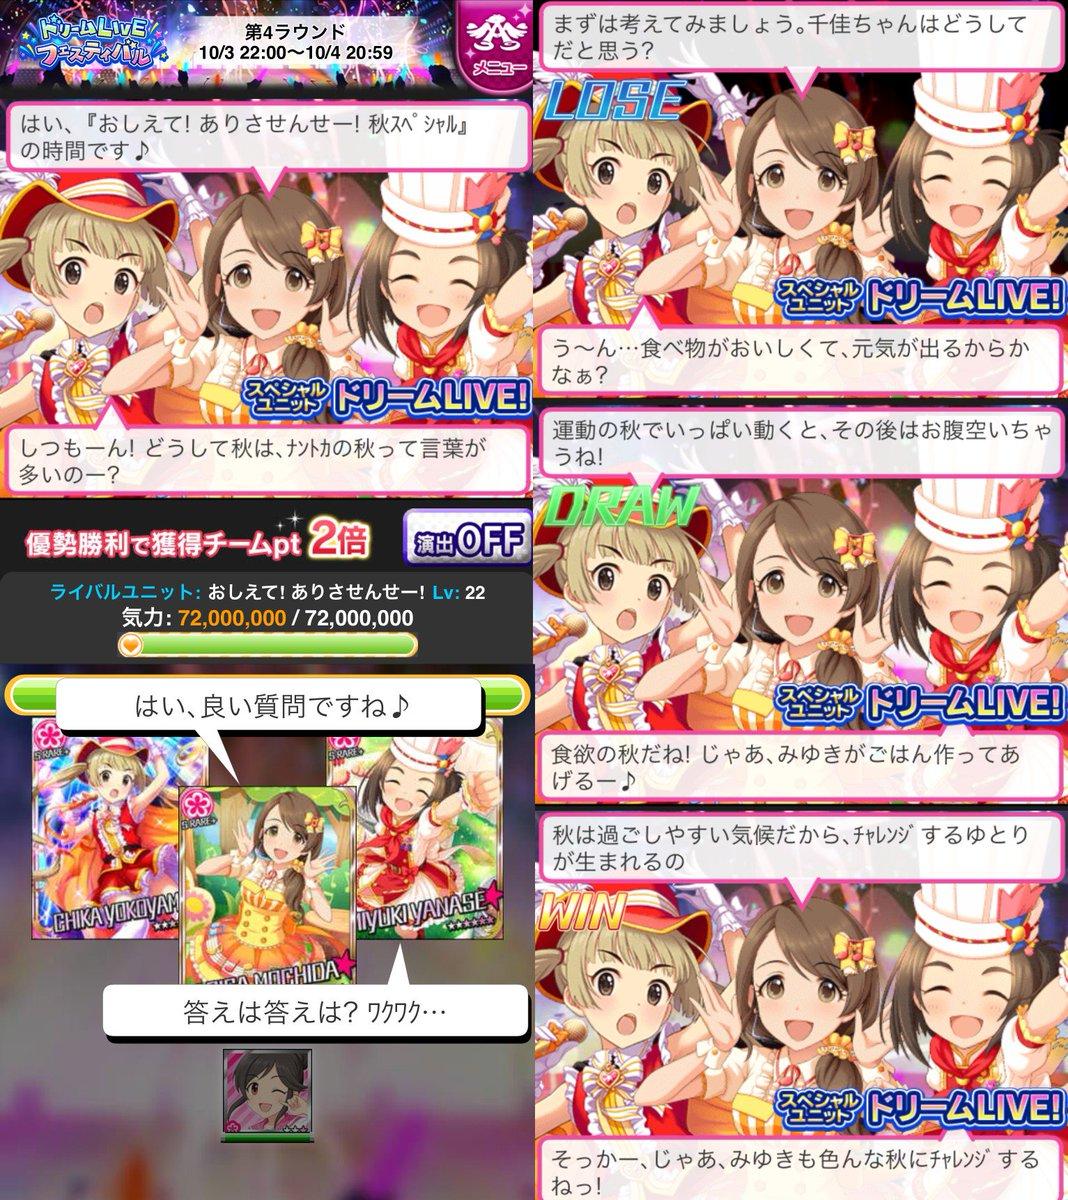 ドリームLIVEフェスティバル スペシャルユニット 『おしえて!ありさせんせー!』(持田亜里沙、横山千佳、柳瀬美由紀) 簡単にまとめました https://t.co/yOxnvBNkQg